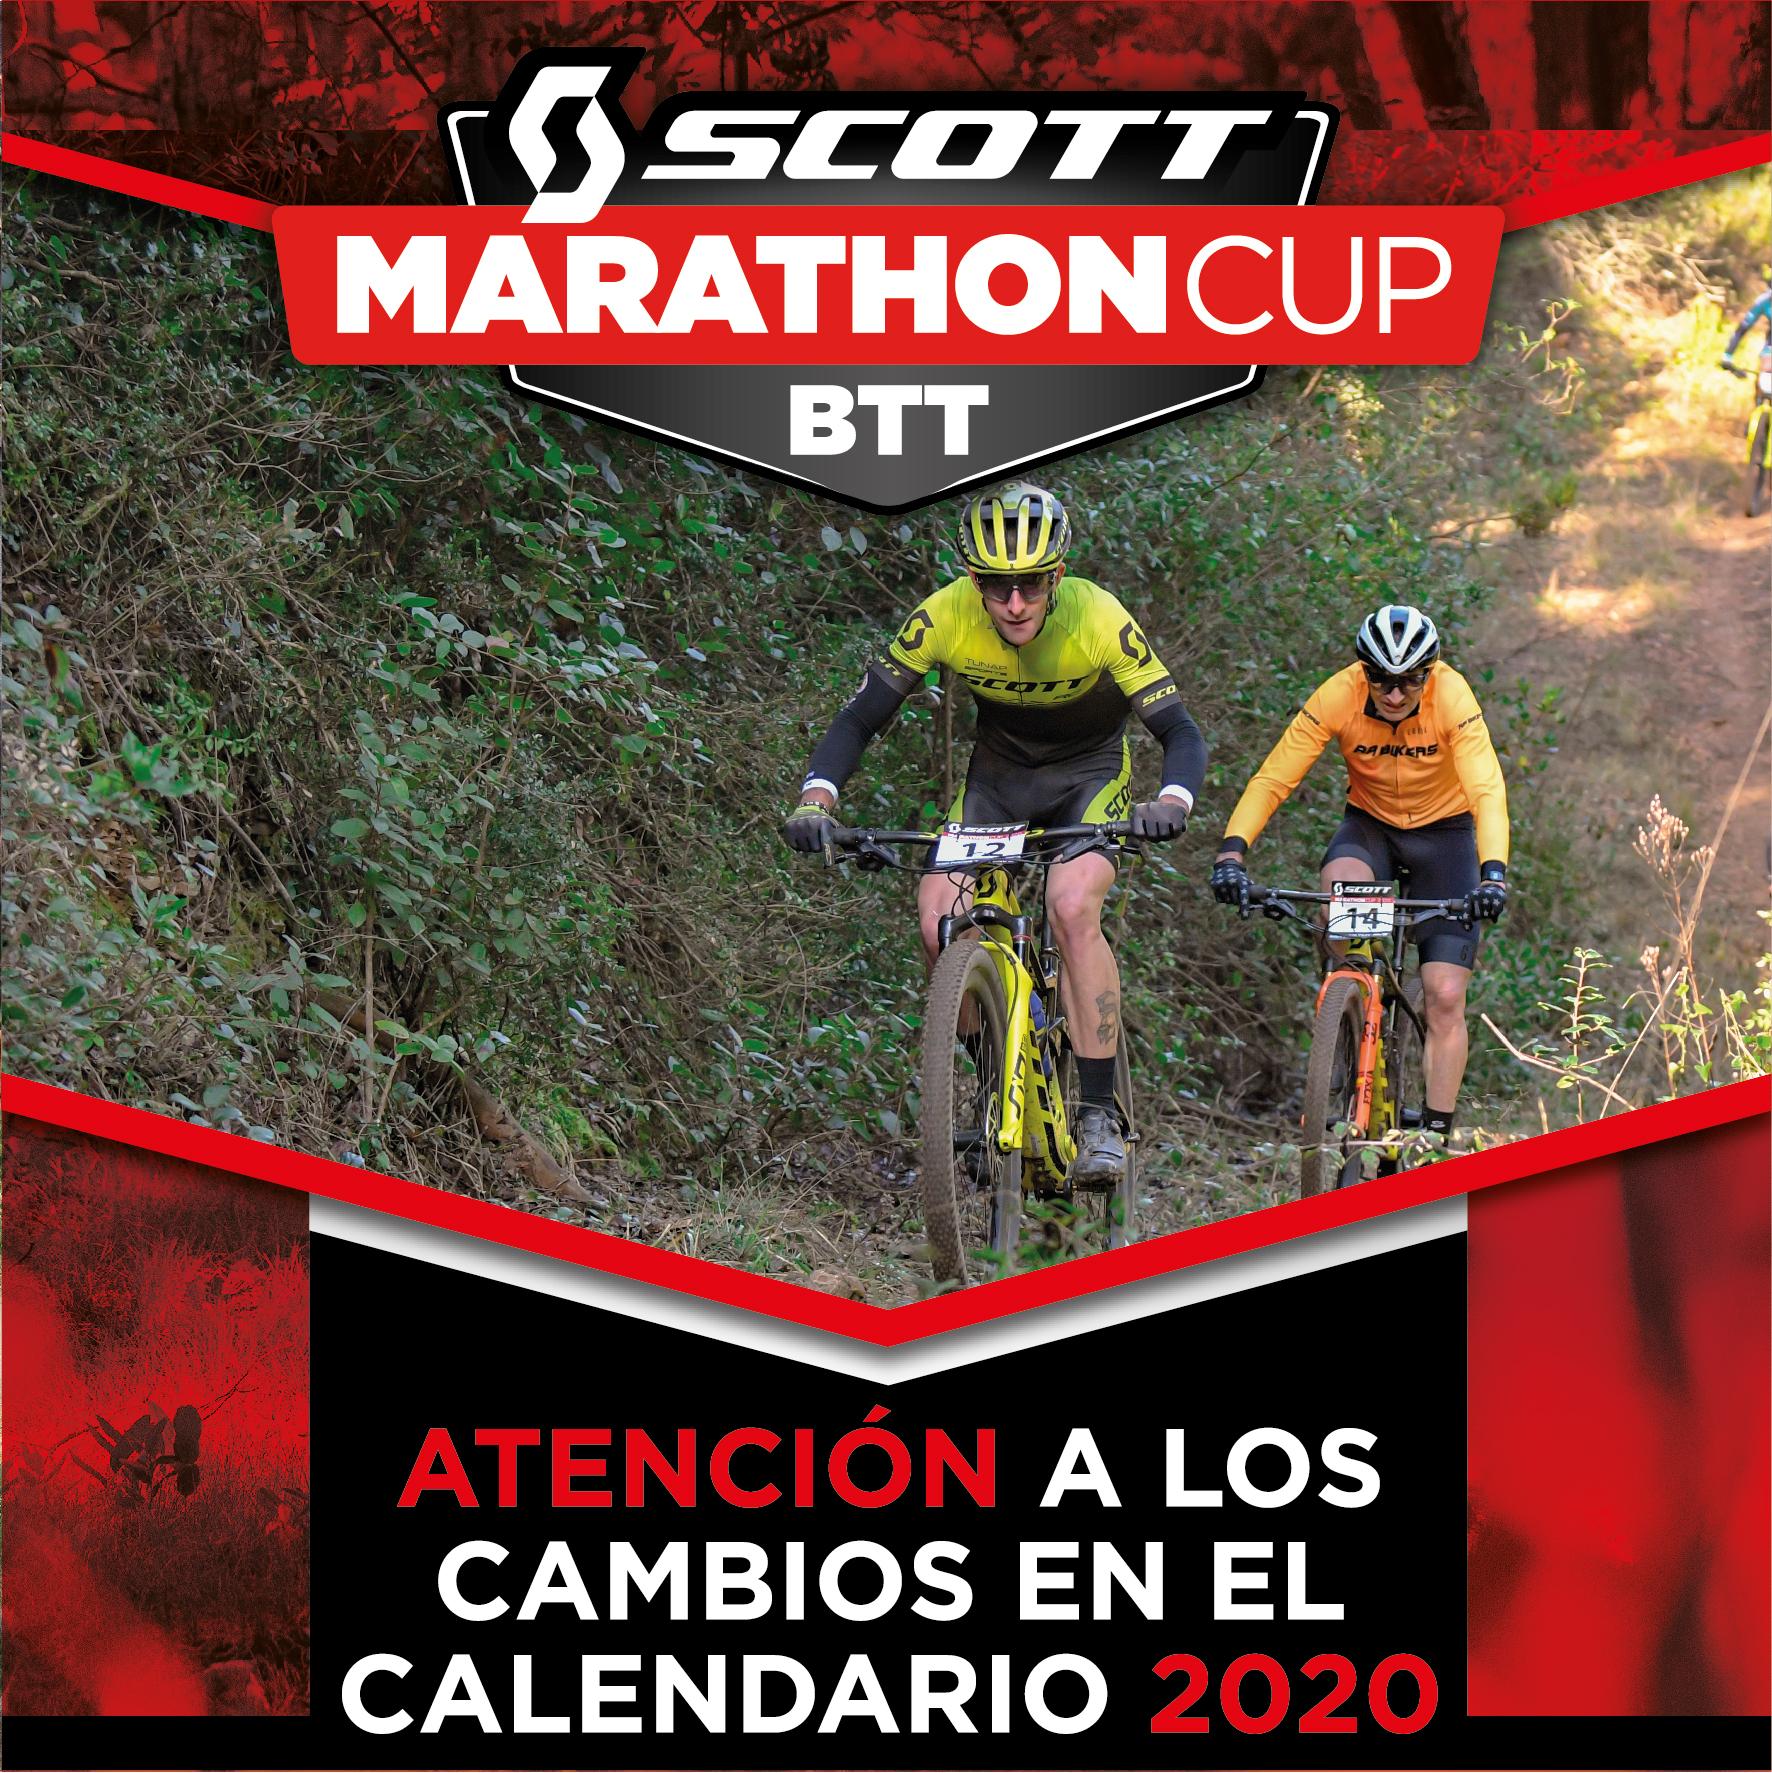 LA SCOTT MARATHON CUP SUFRIR� CAMBIOS EN EL CALENDARIO 2020 POR EL CORONAVIRUS